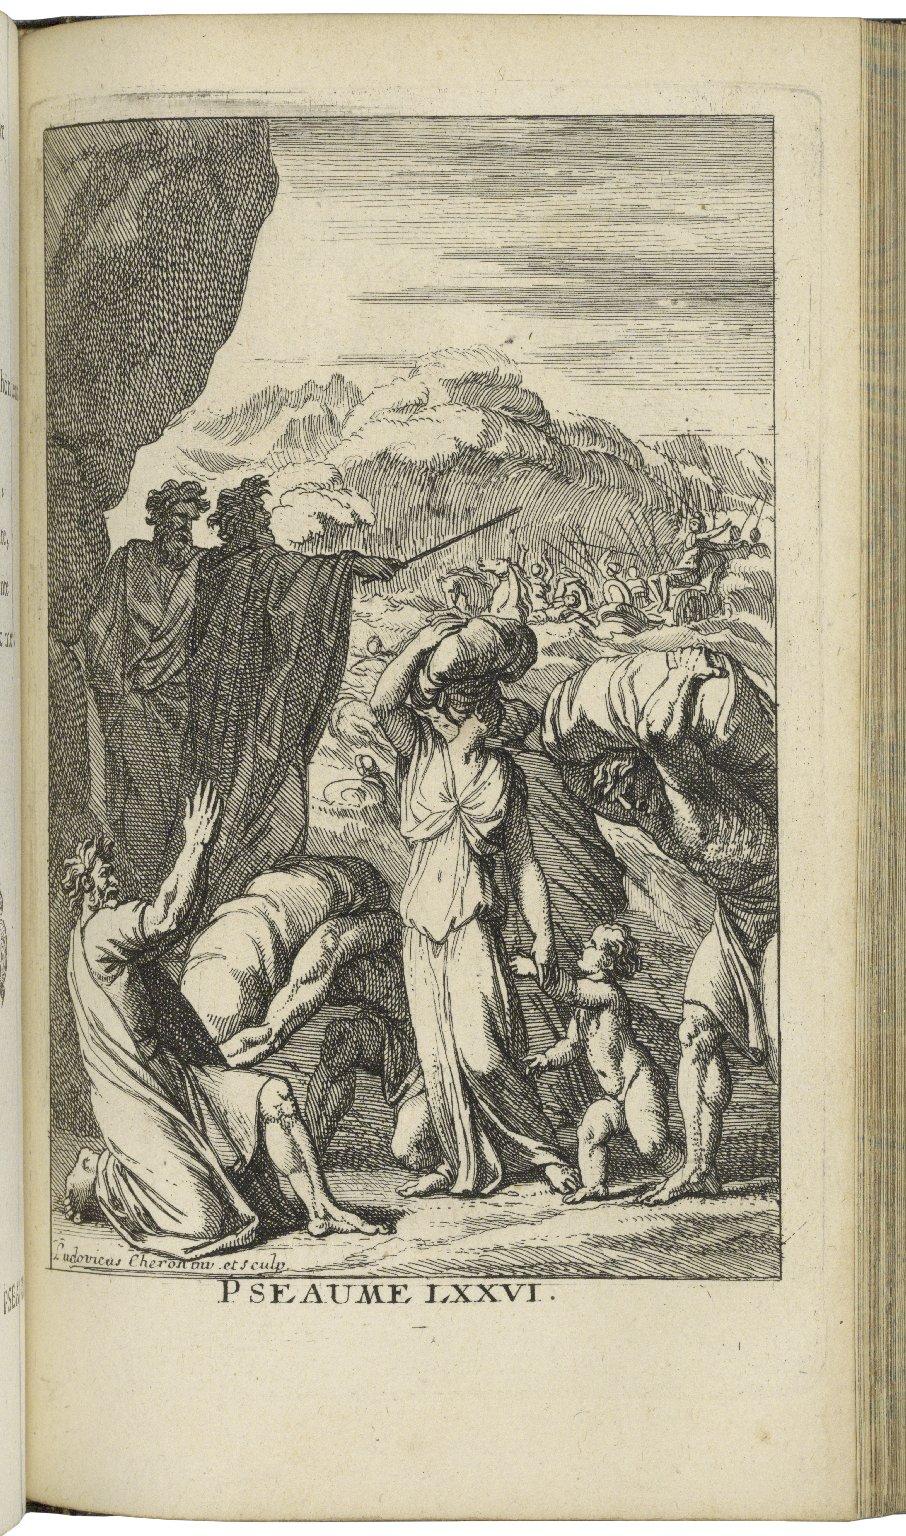 Pseaumes de David et Cantiques / nouvellement mis en vers françois ; enrichis de figures.